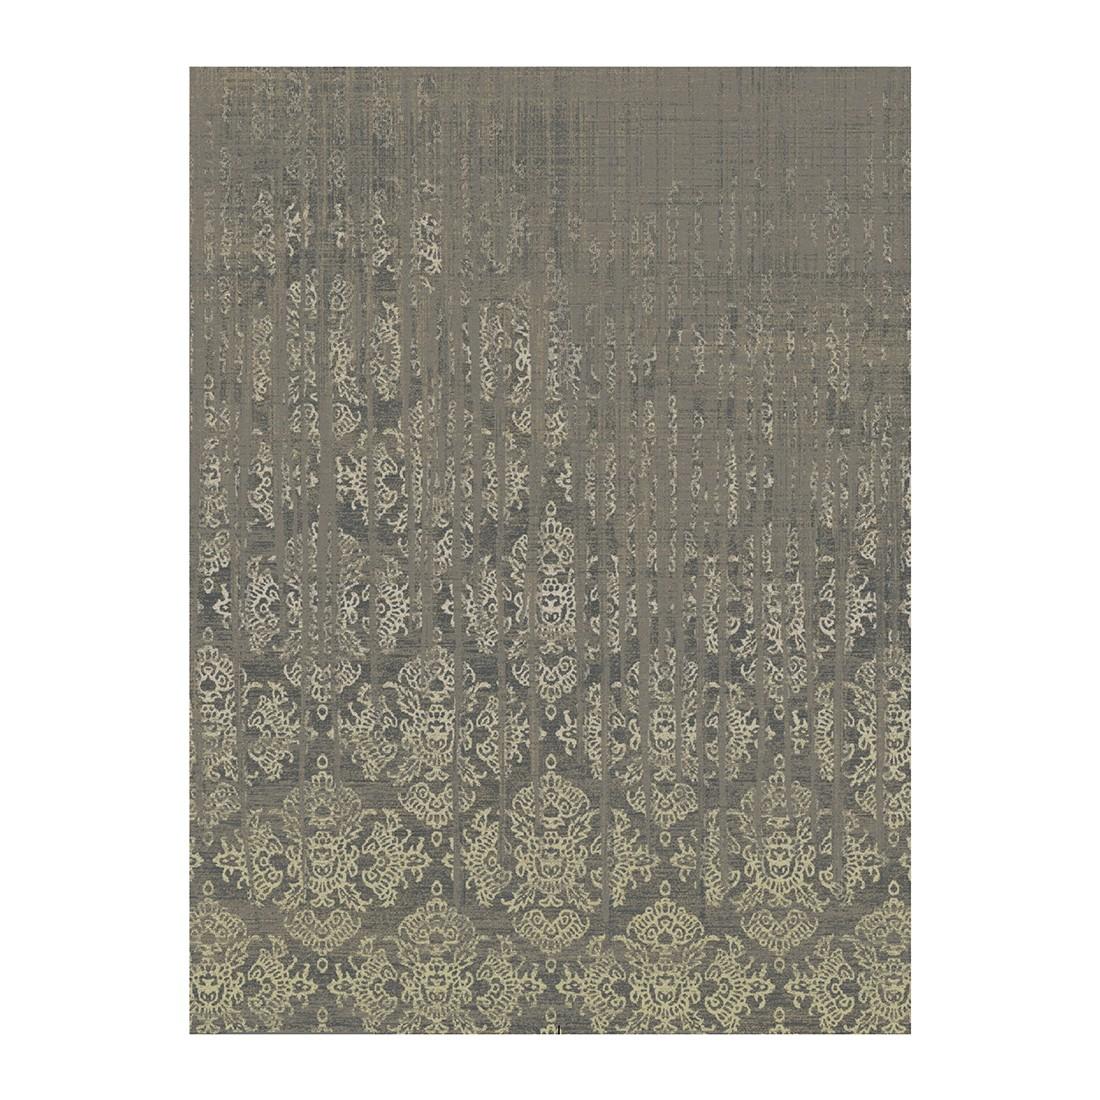 Teppich Minka – Vintagelook Beige – 161 x 232 cm, Safavieh günstig bestellen